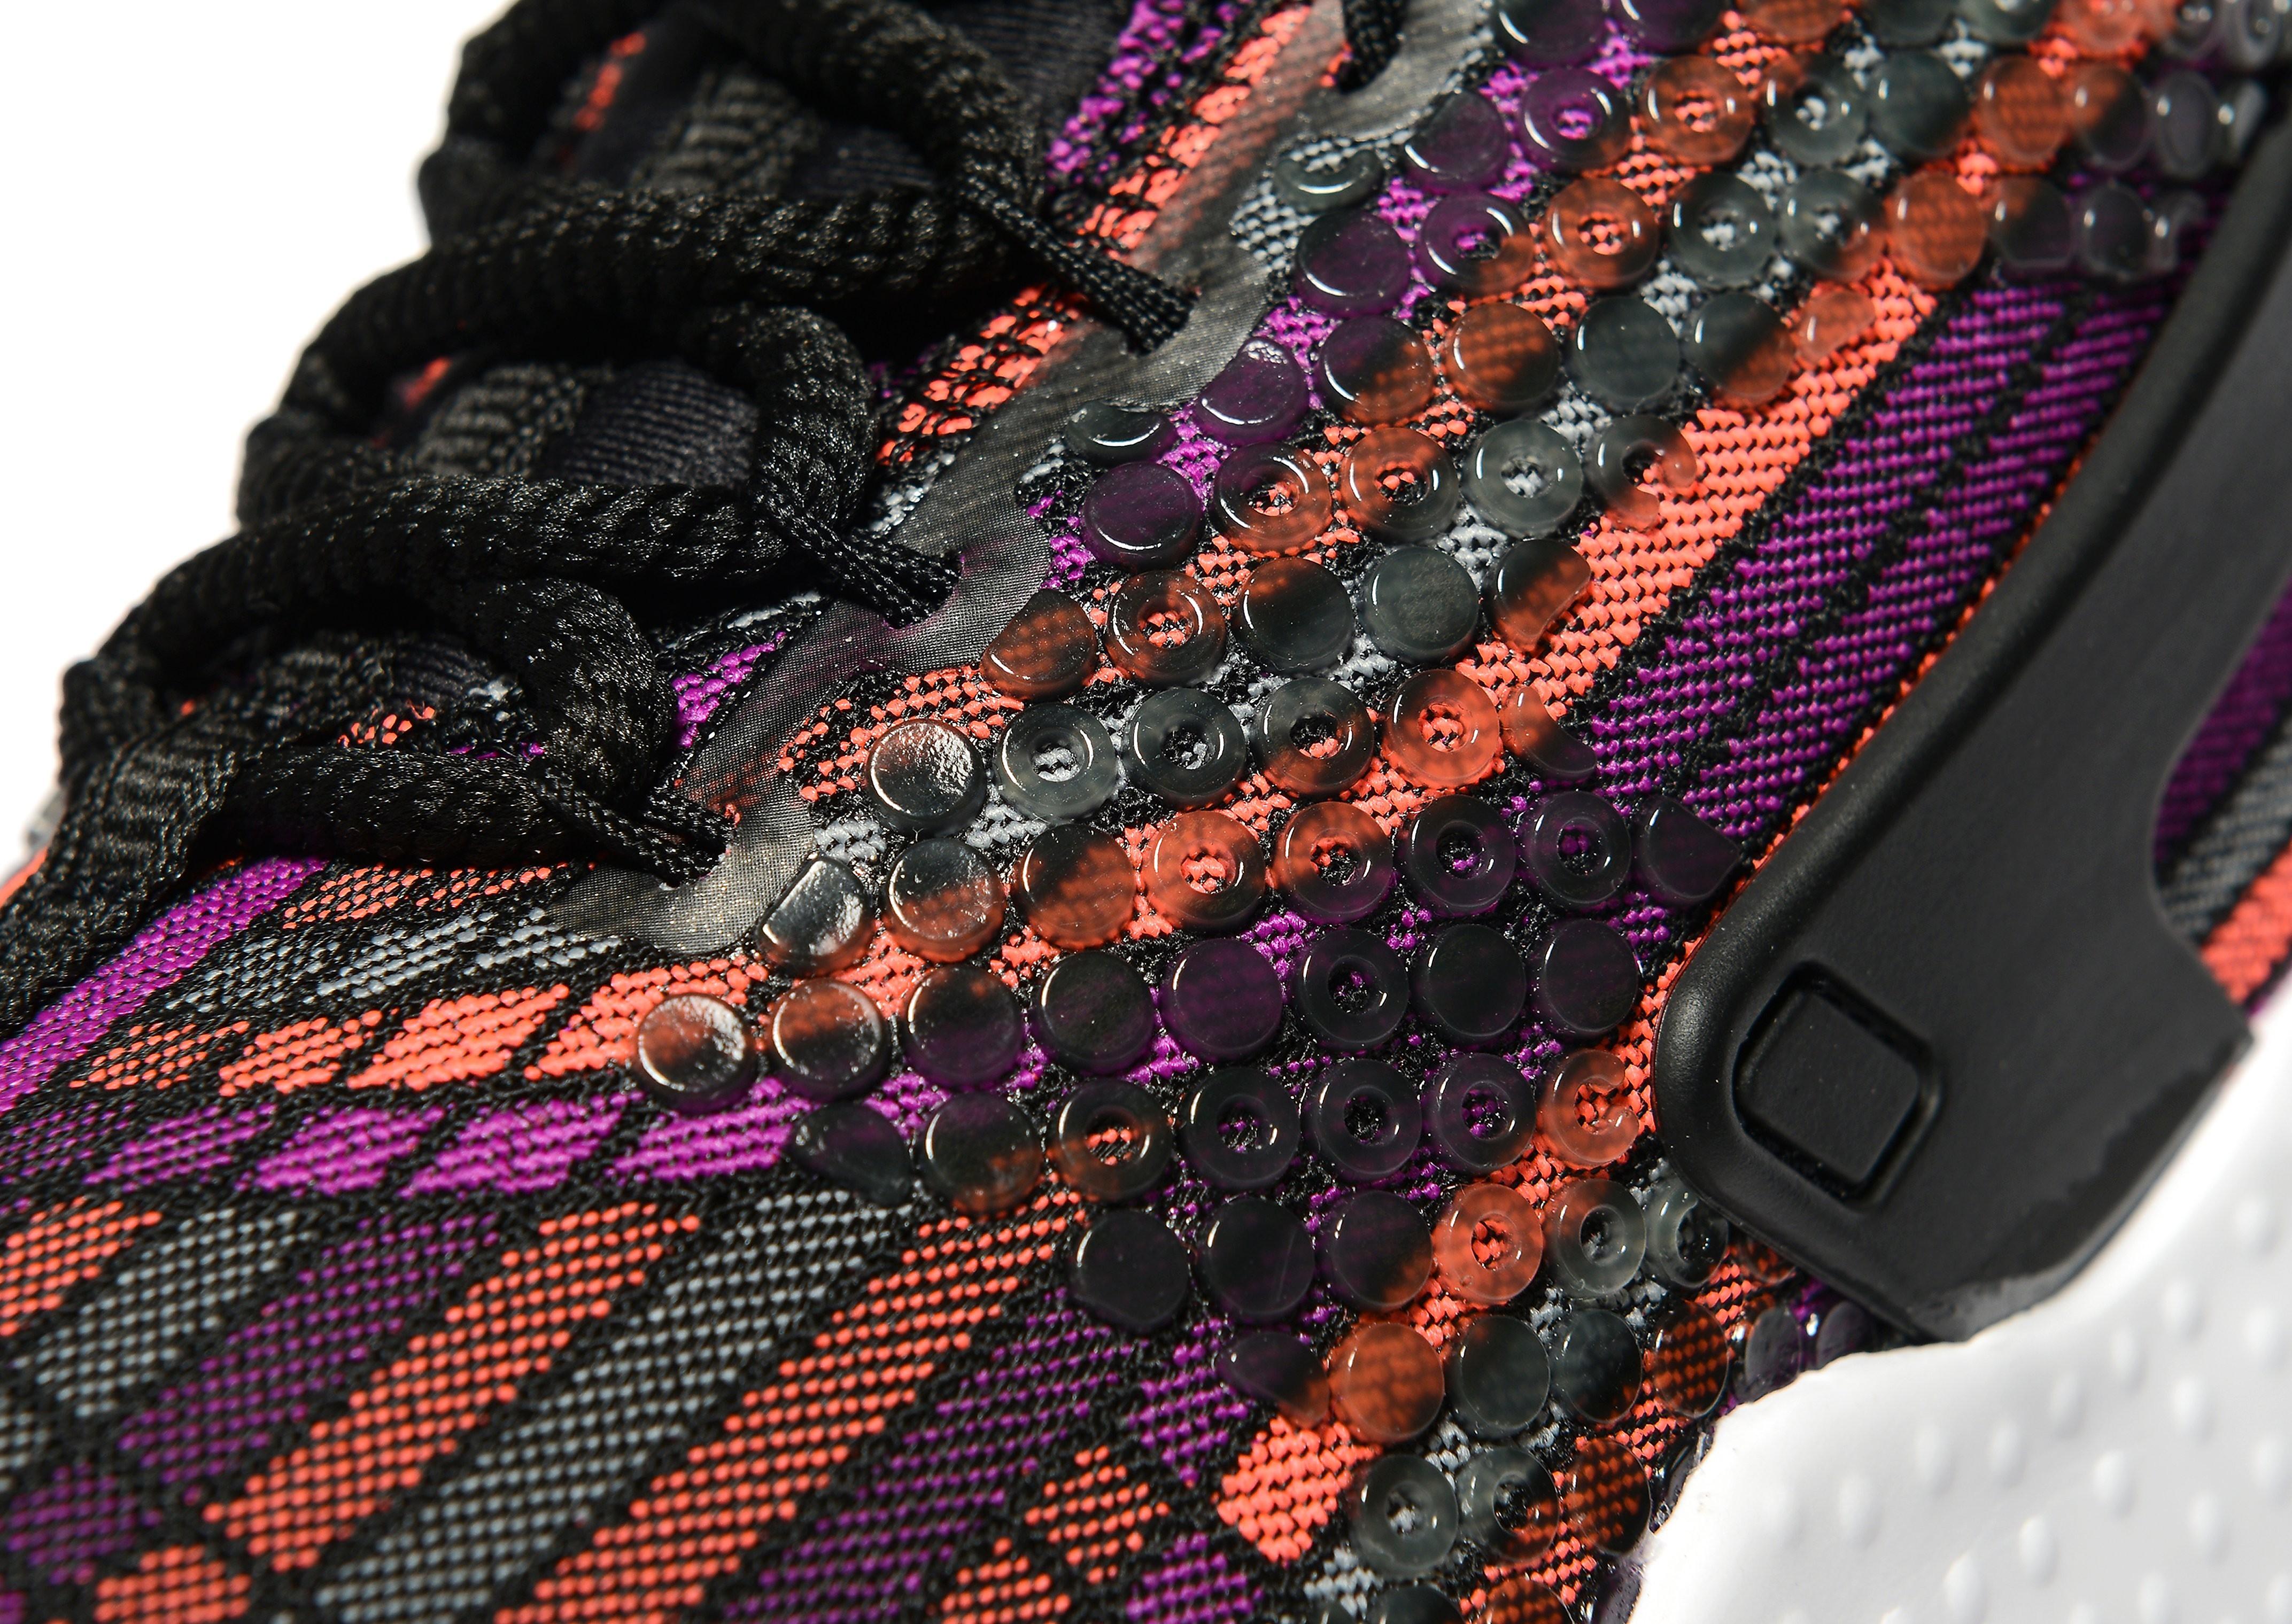 Nike Beautiful x Powerful Air Huarache Jacquard Women's